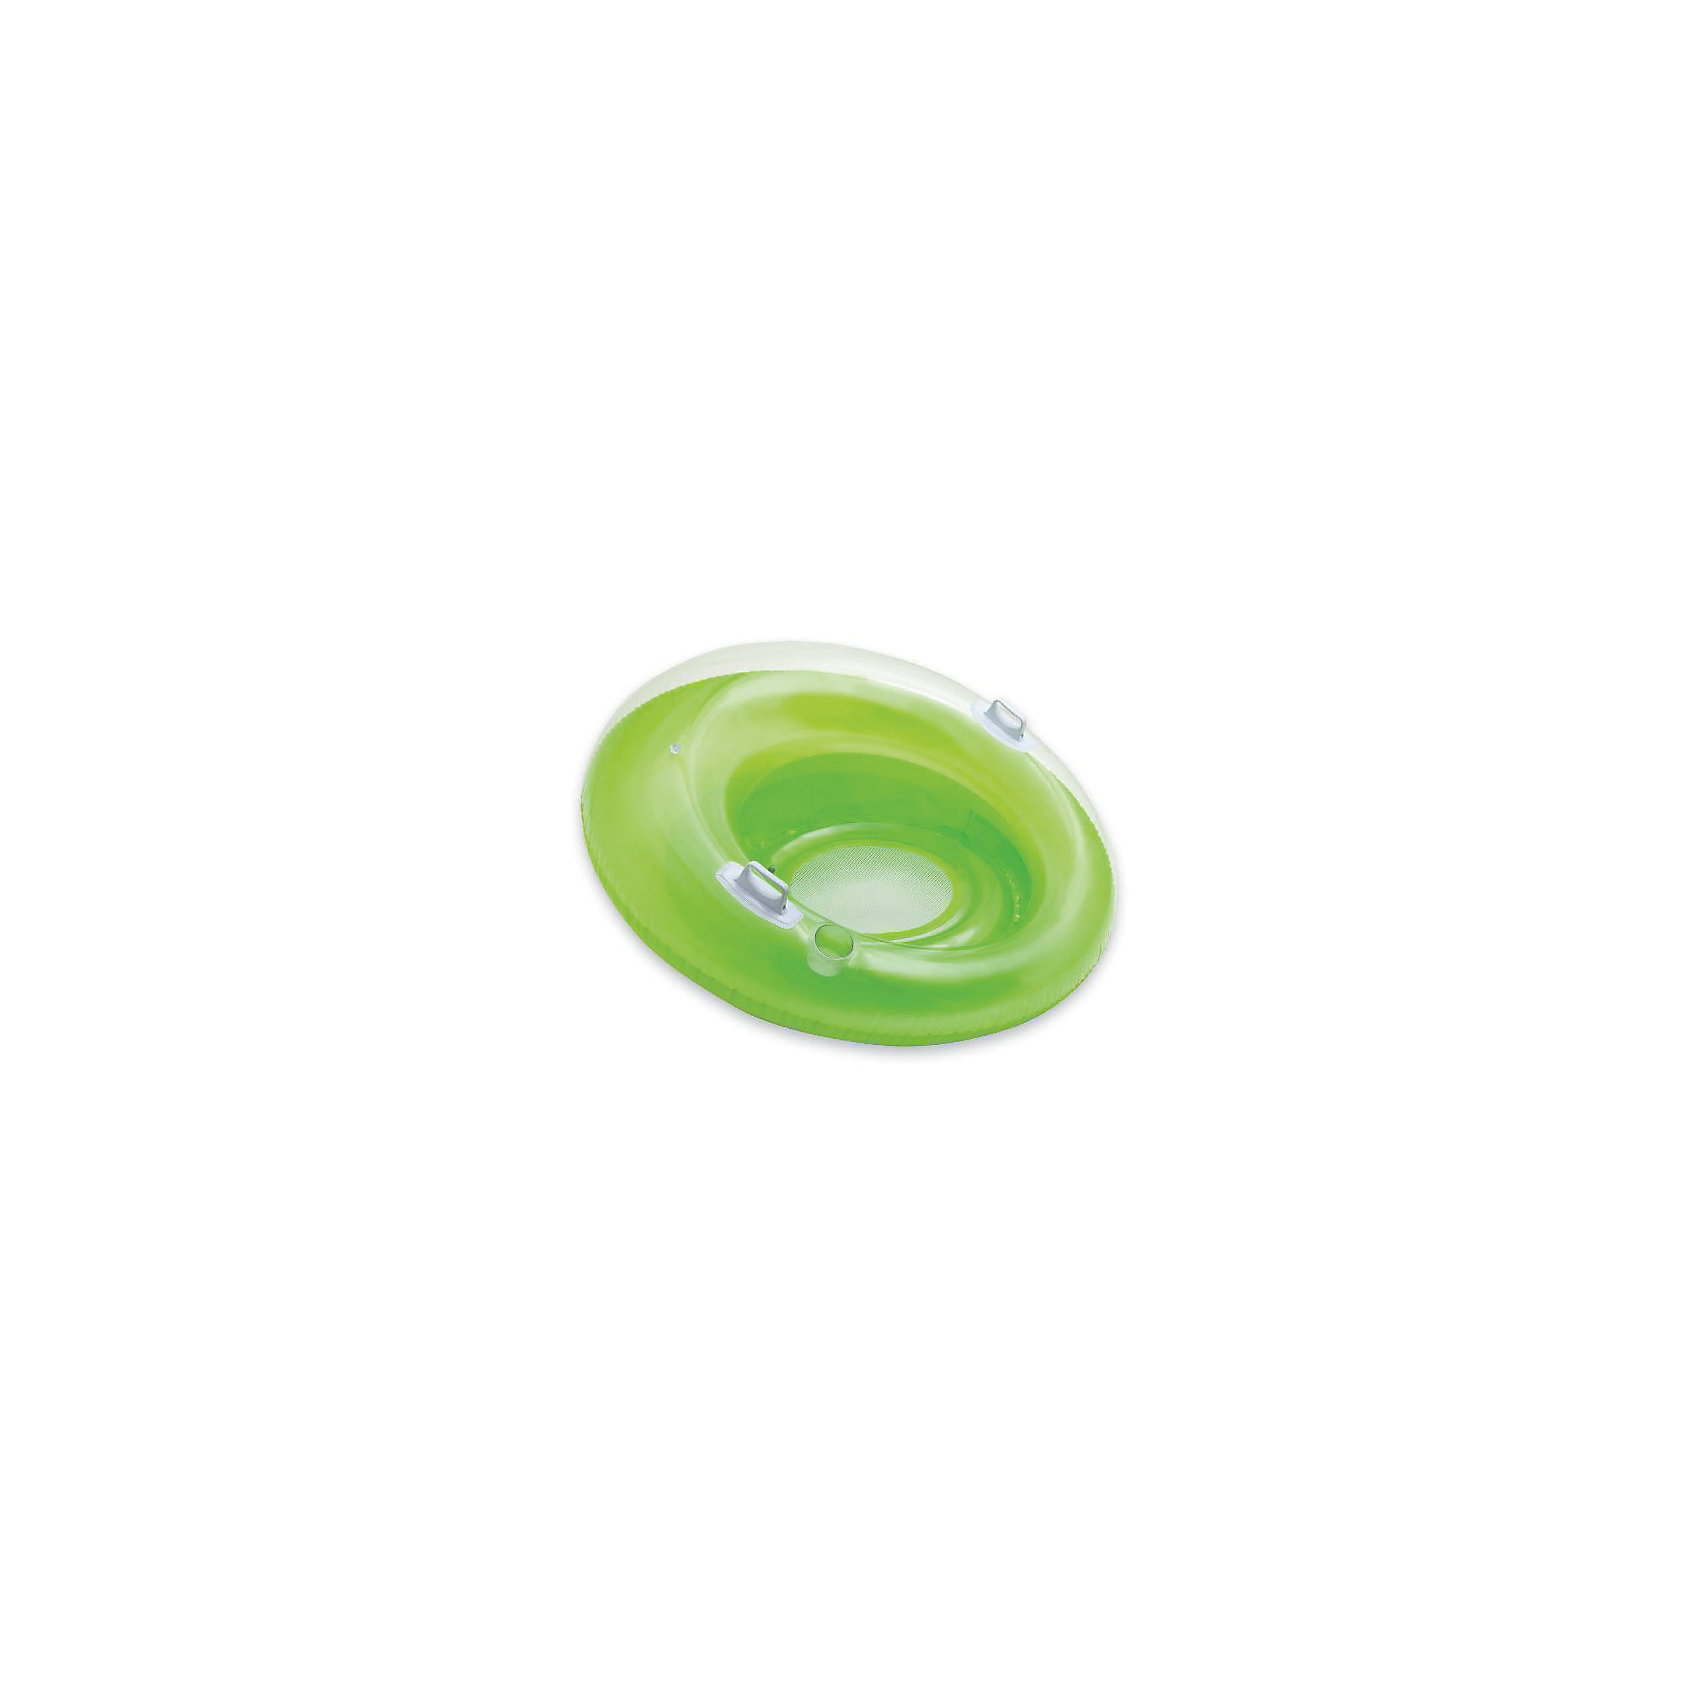 Intex Надувной круг с дном Садись и отдыхай (зеленый), Intex intex надувной круг для плавания 76 см